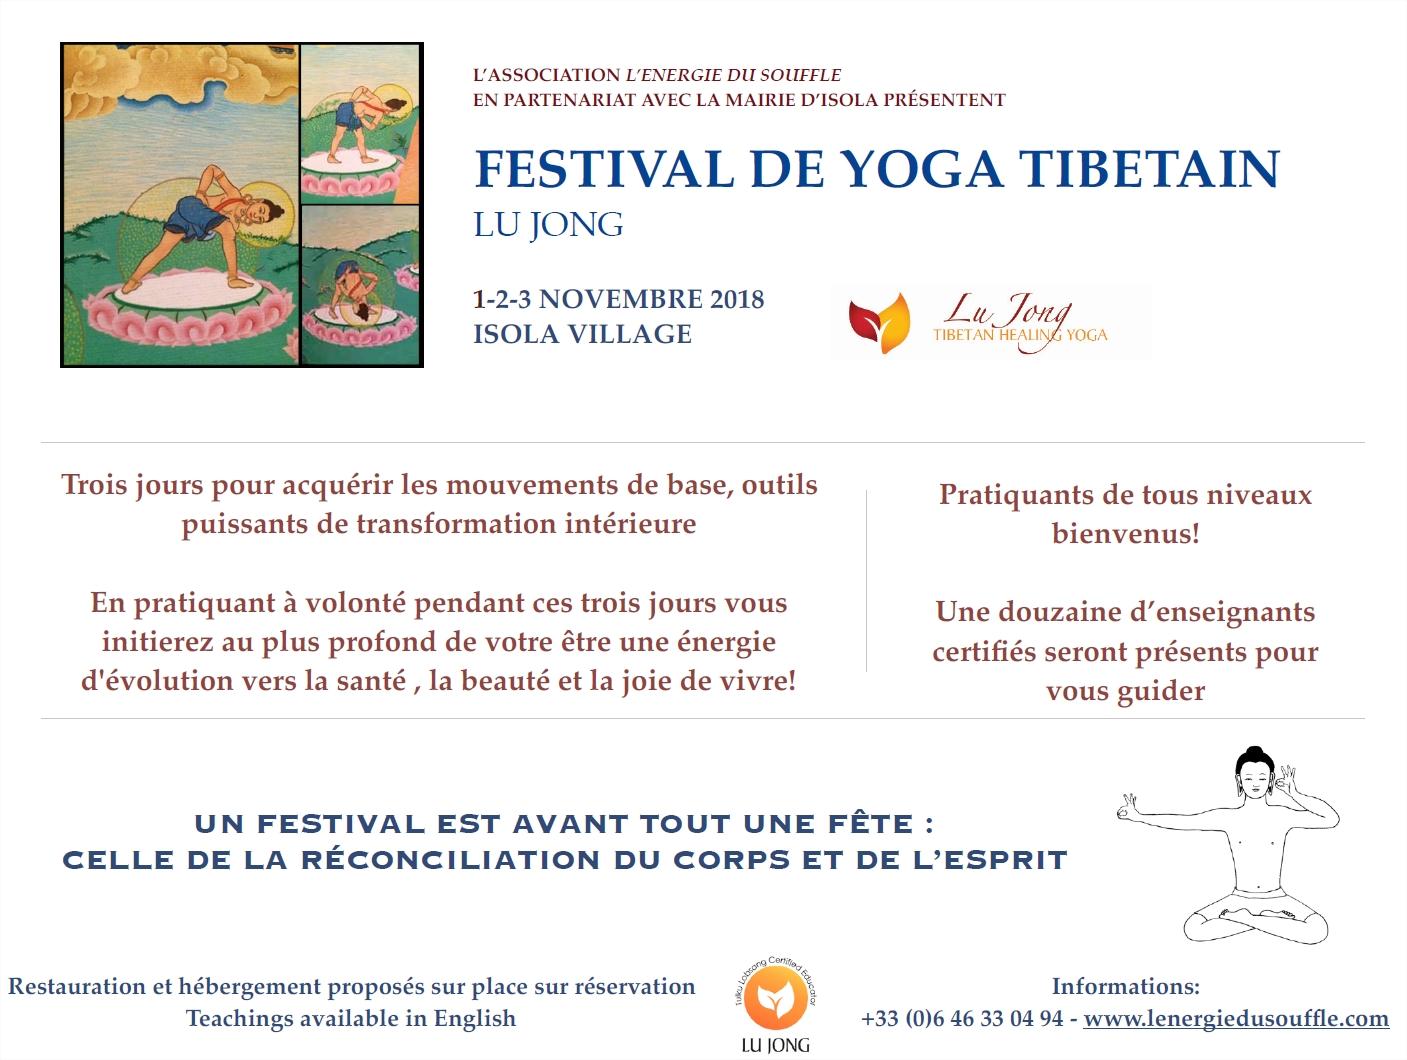 Festival de Yoga tibétain à Isola village 1 2 3 novembre 2018